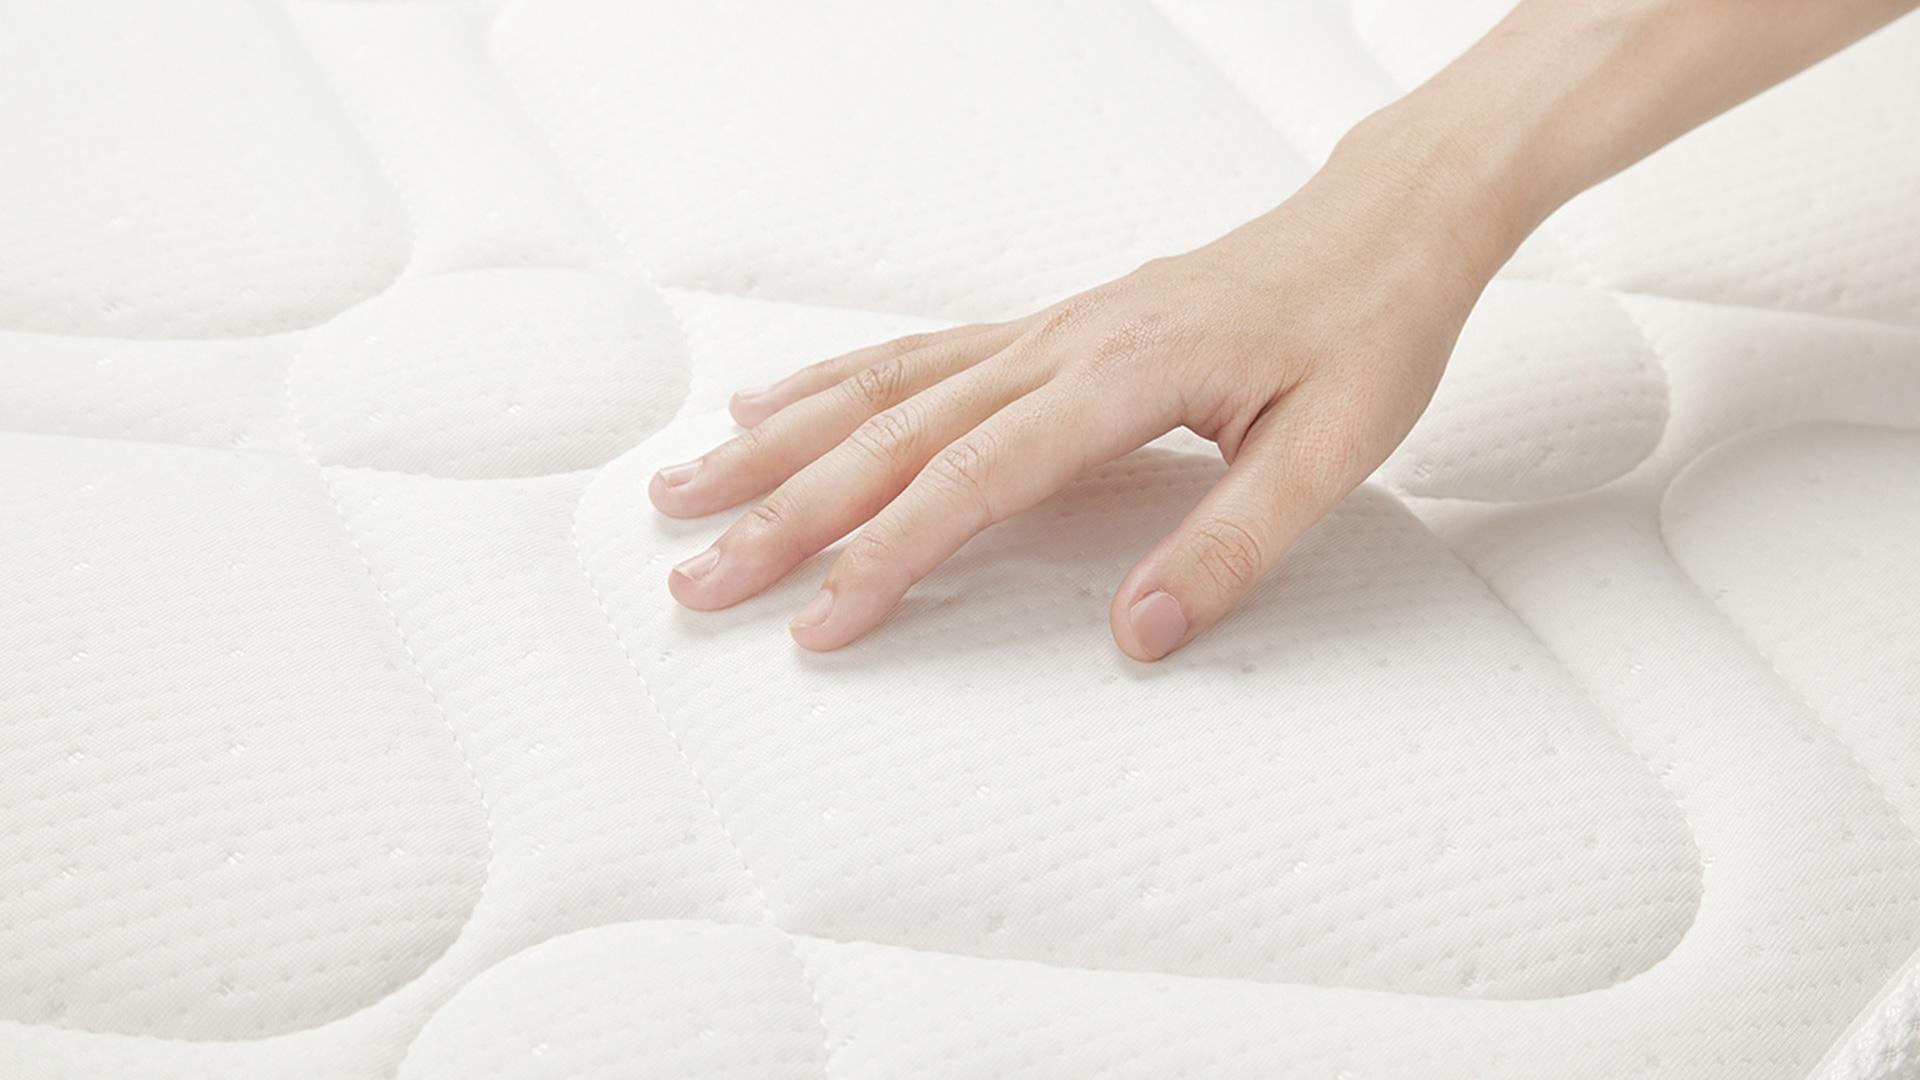 白天被钉在工作桌前坐8+n小时,晚上回家腰酸背痛脖抽筋的你,想迅速恢复元气?你需要一张可舒缓身体压力,软硬度任选的好眠床垫相伴。